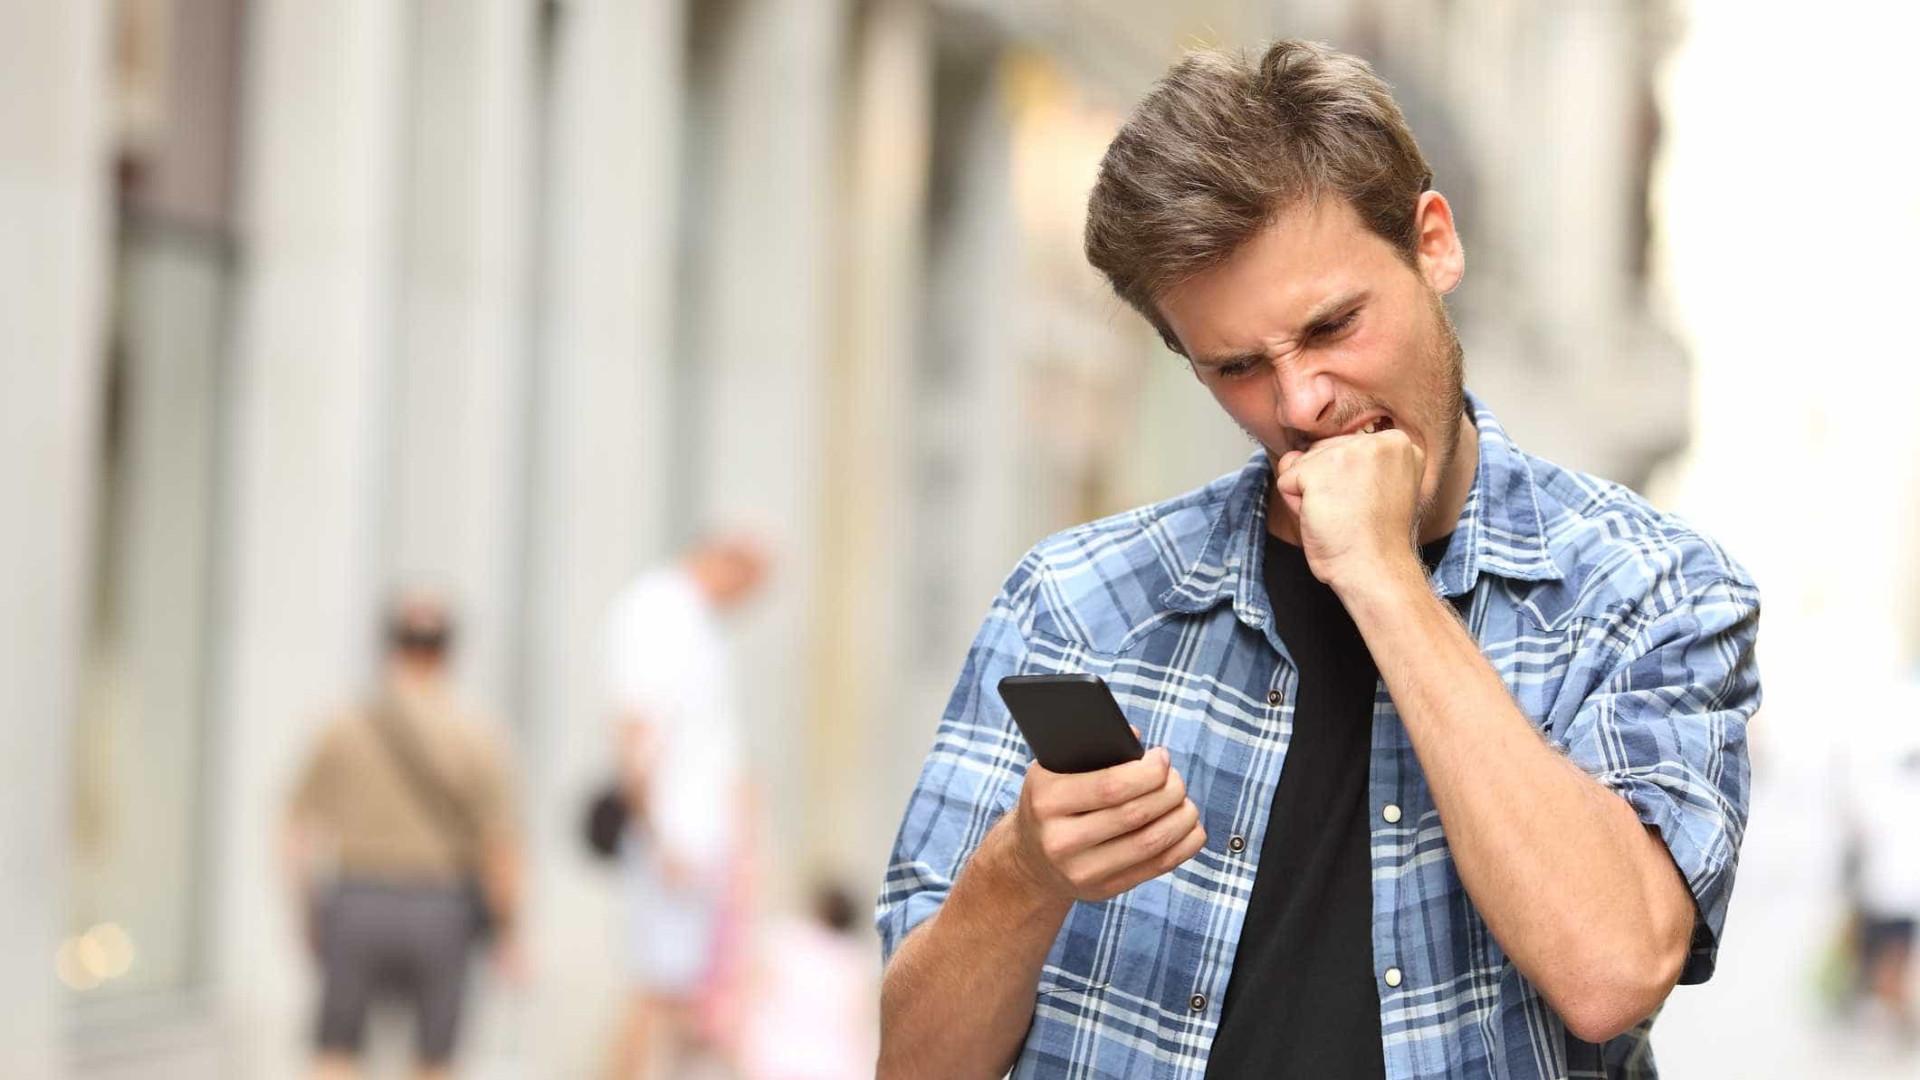 Quer melhorar o desempenho do seu smartphone? Elimine estas apps